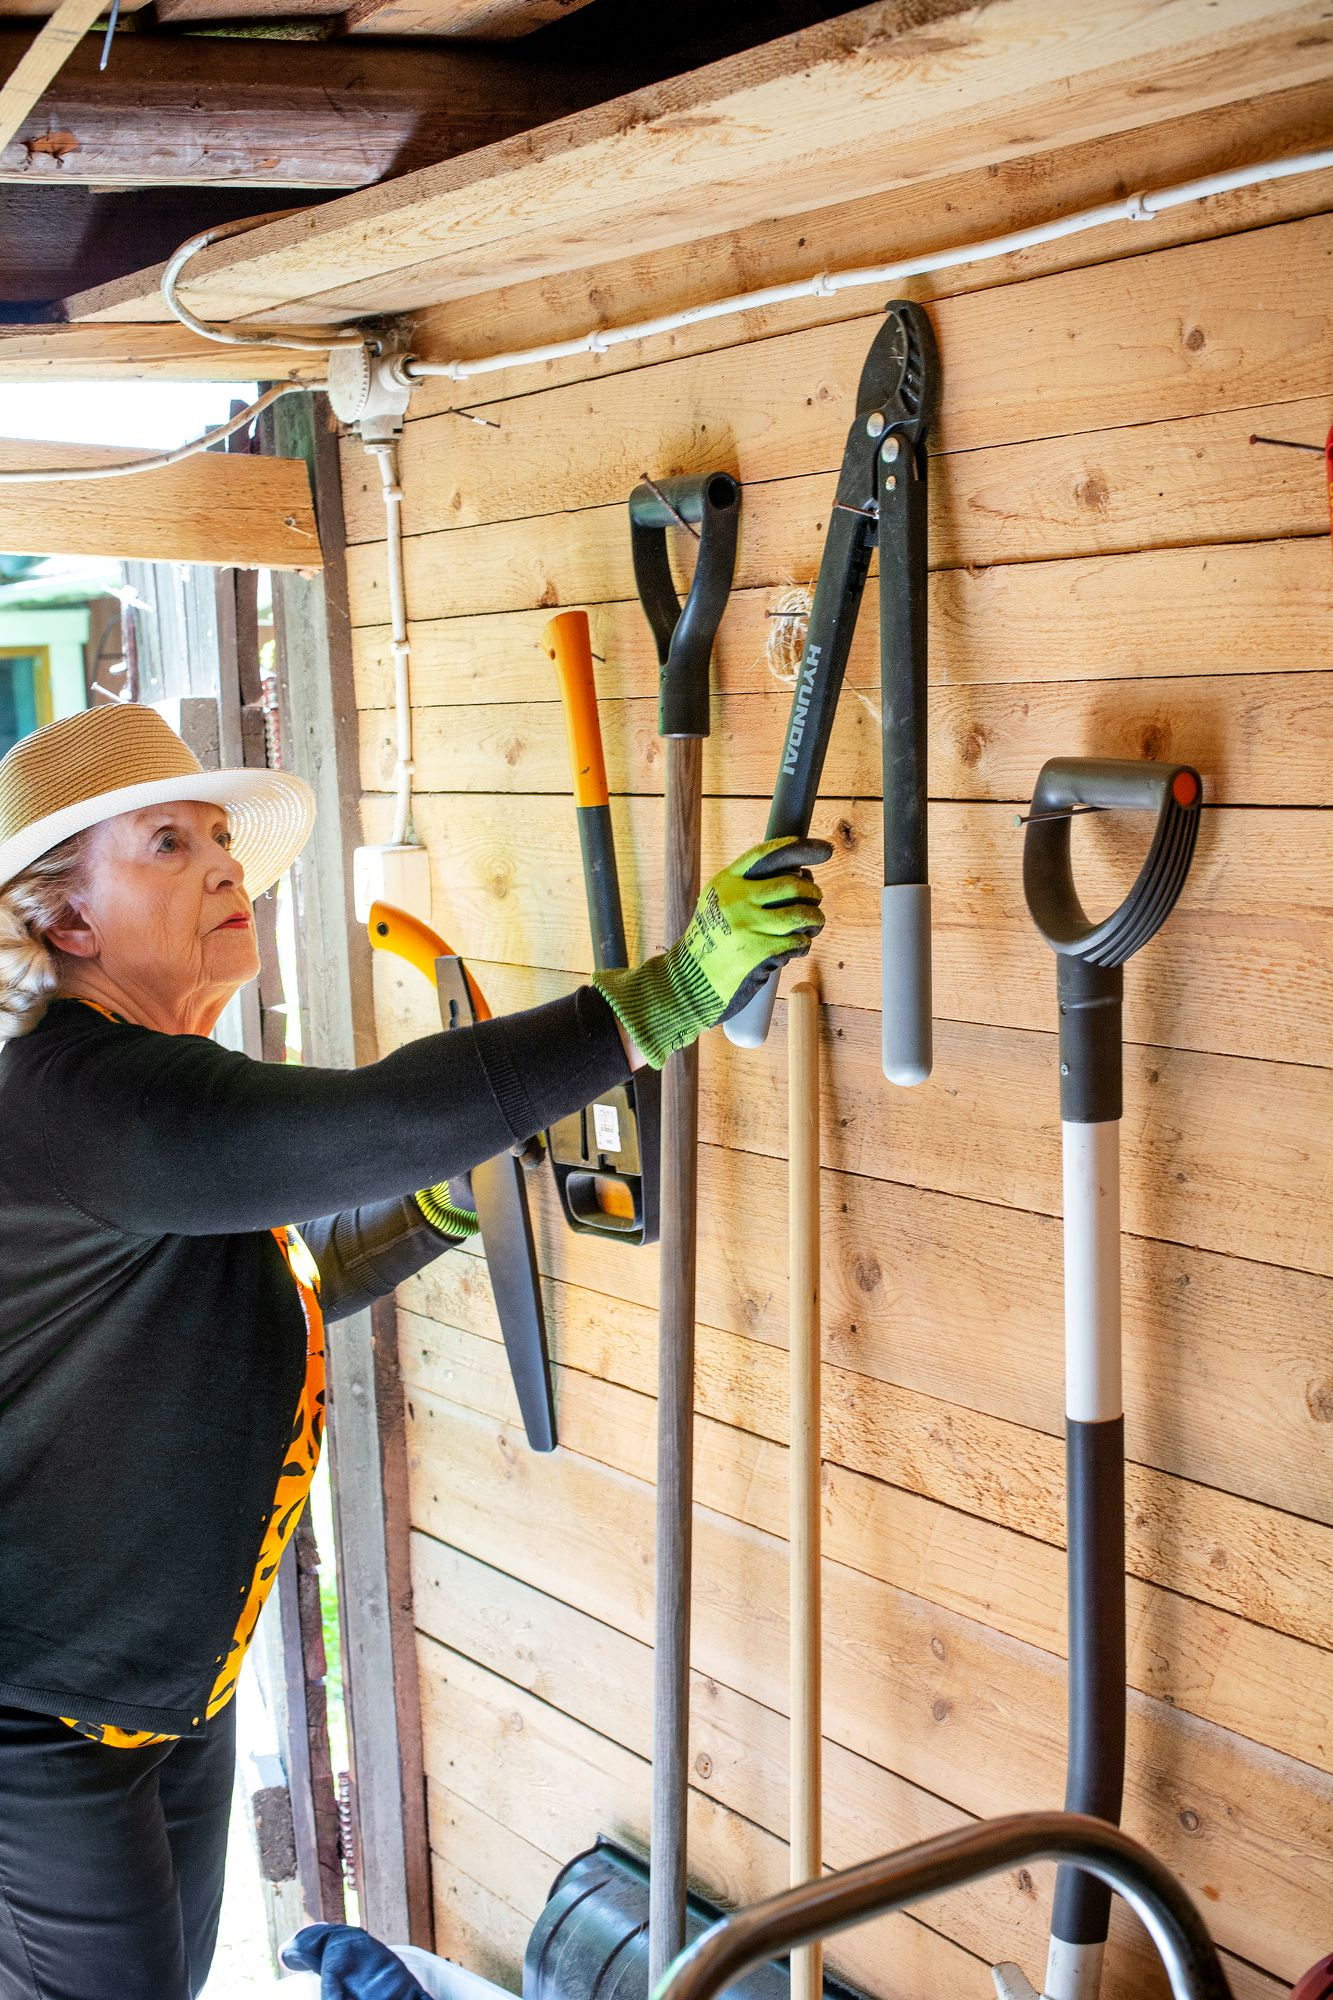 """Työkaluvarasto on Pirjon aarreaitta. """"En ole lainkaan hamstraaja, mutta erilaisista työkaluista pidän melkoisesti."""" © Tiiu Kaitalo"""